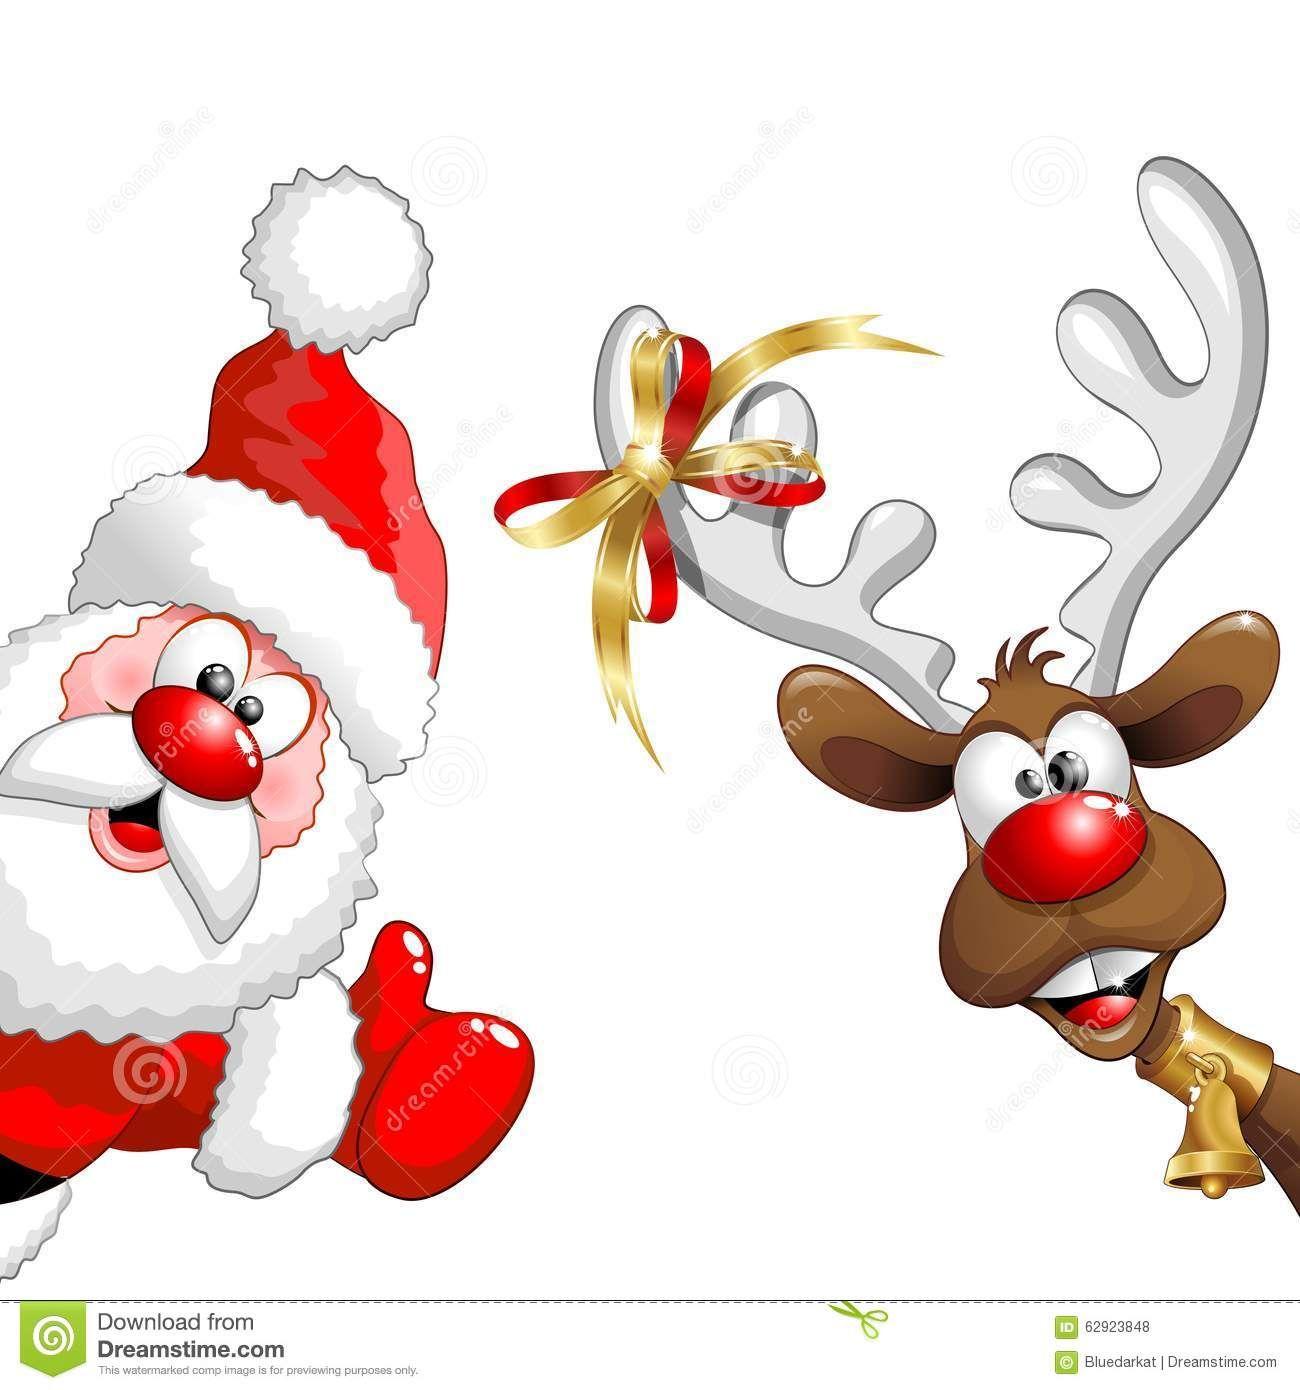 Christmas Reindeer And Santa Fun Cartoons Stock Vector